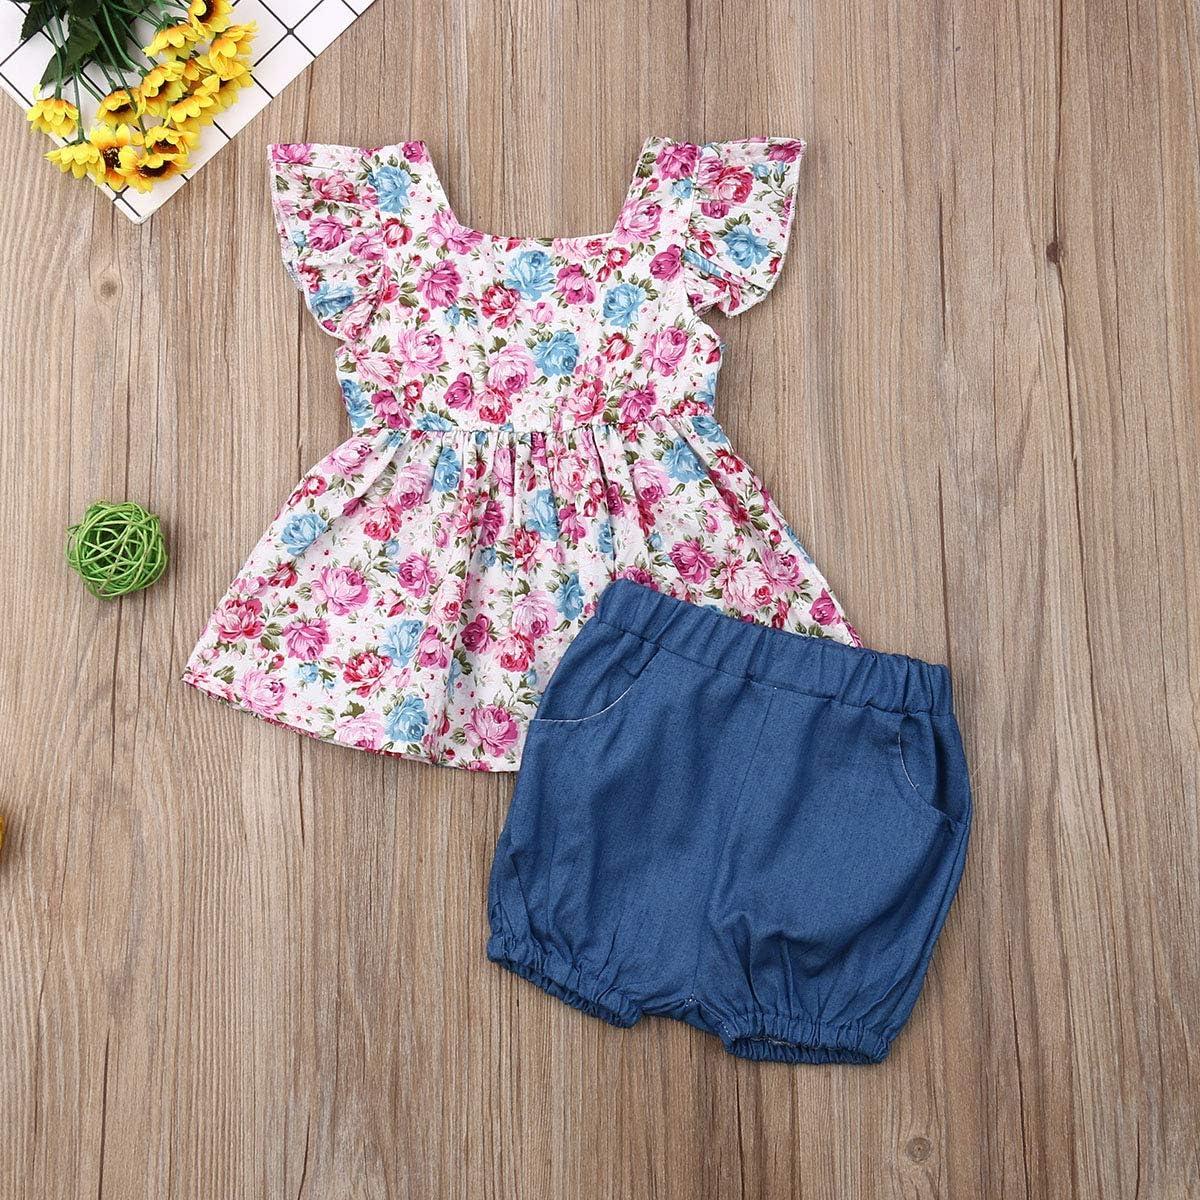 Toddler Newborn Girls Floral Ruffle Sleeveless Dress Tops Shirt Bloomer Short Pants Set with 2 Pockets